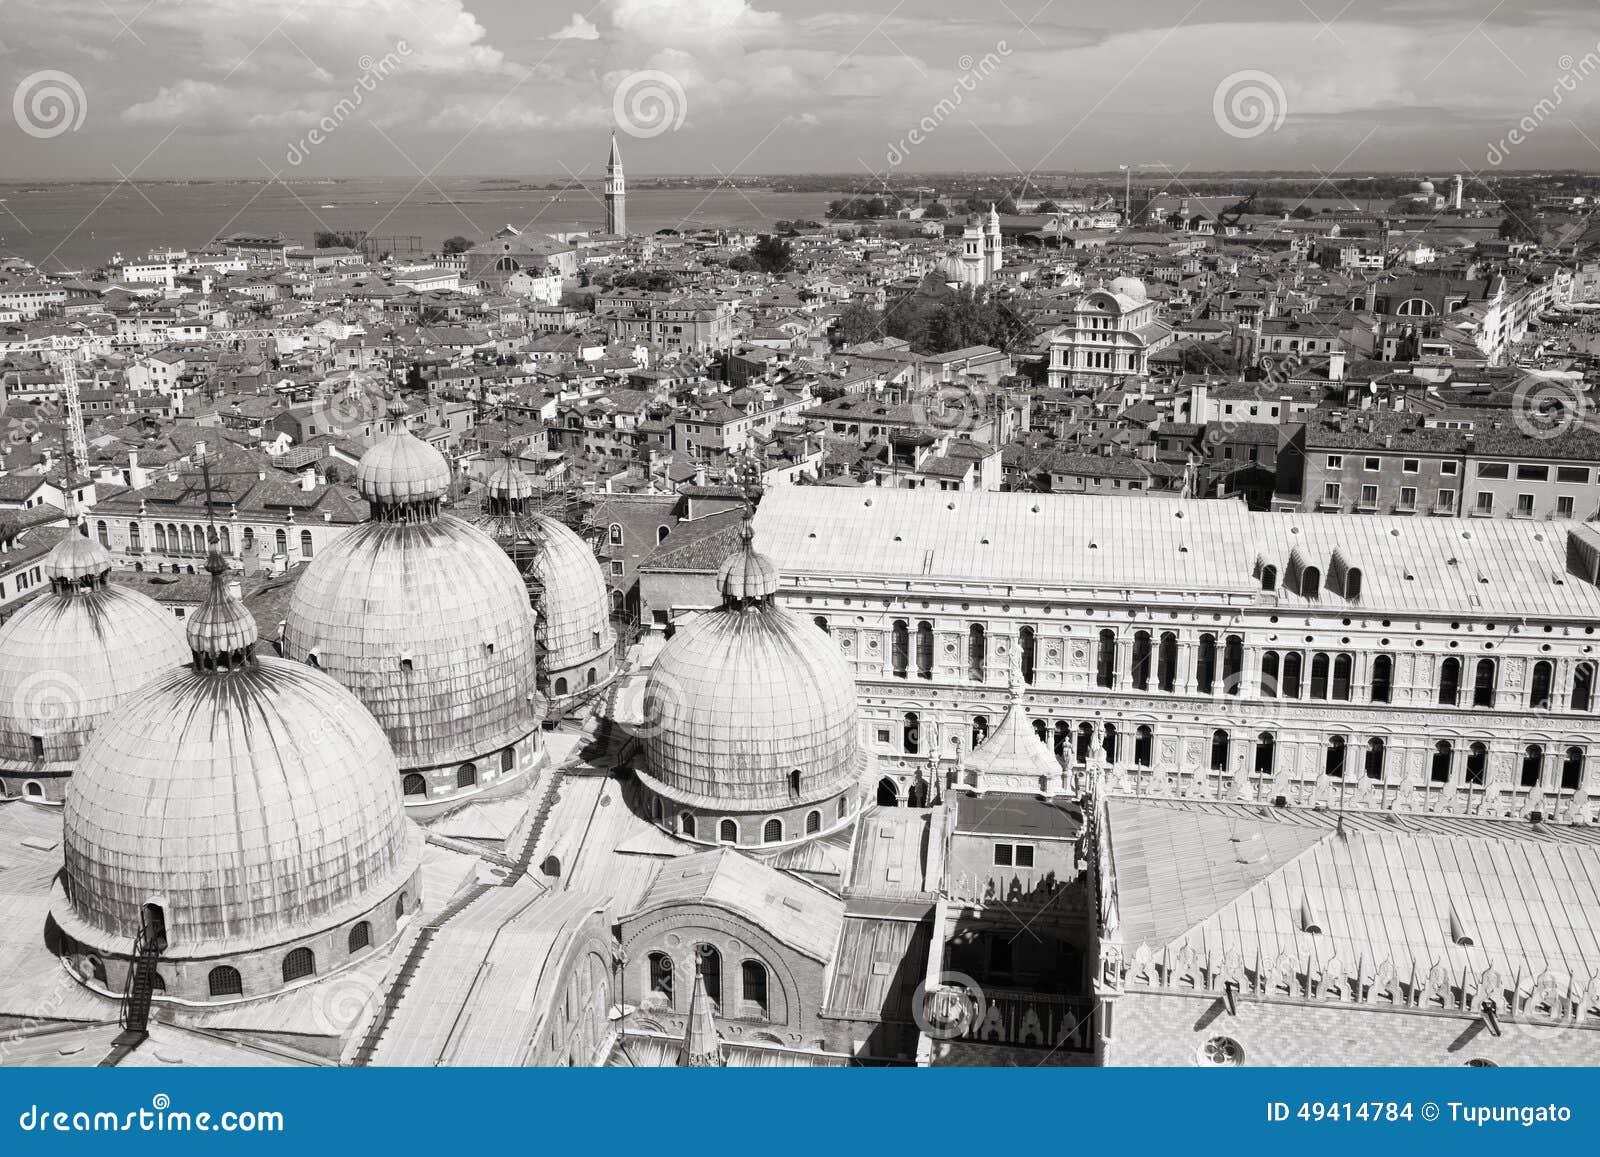 Download Retro- Venedig stockfoto. Bild von cityscape, europäisch - 49414784